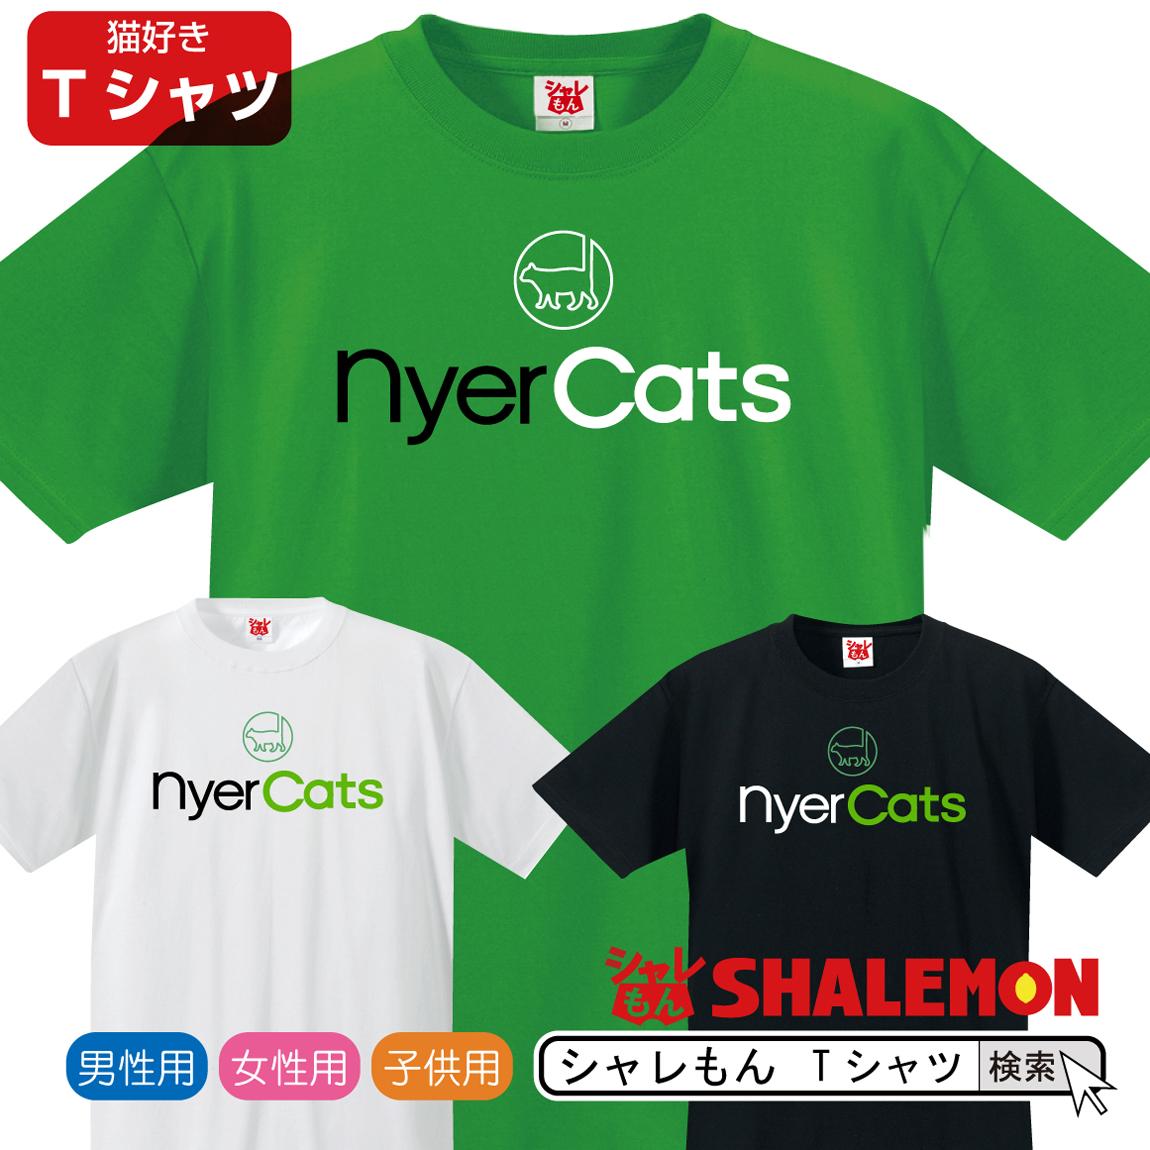 猫 ネコ Tシャツ アニマル 雑貨 おもしろ にゃんこ 家猫 飼い猫【NyerCats 選べる3色】クリスマス トイレ ベッド 爪とぎ ケージ しゃれもん